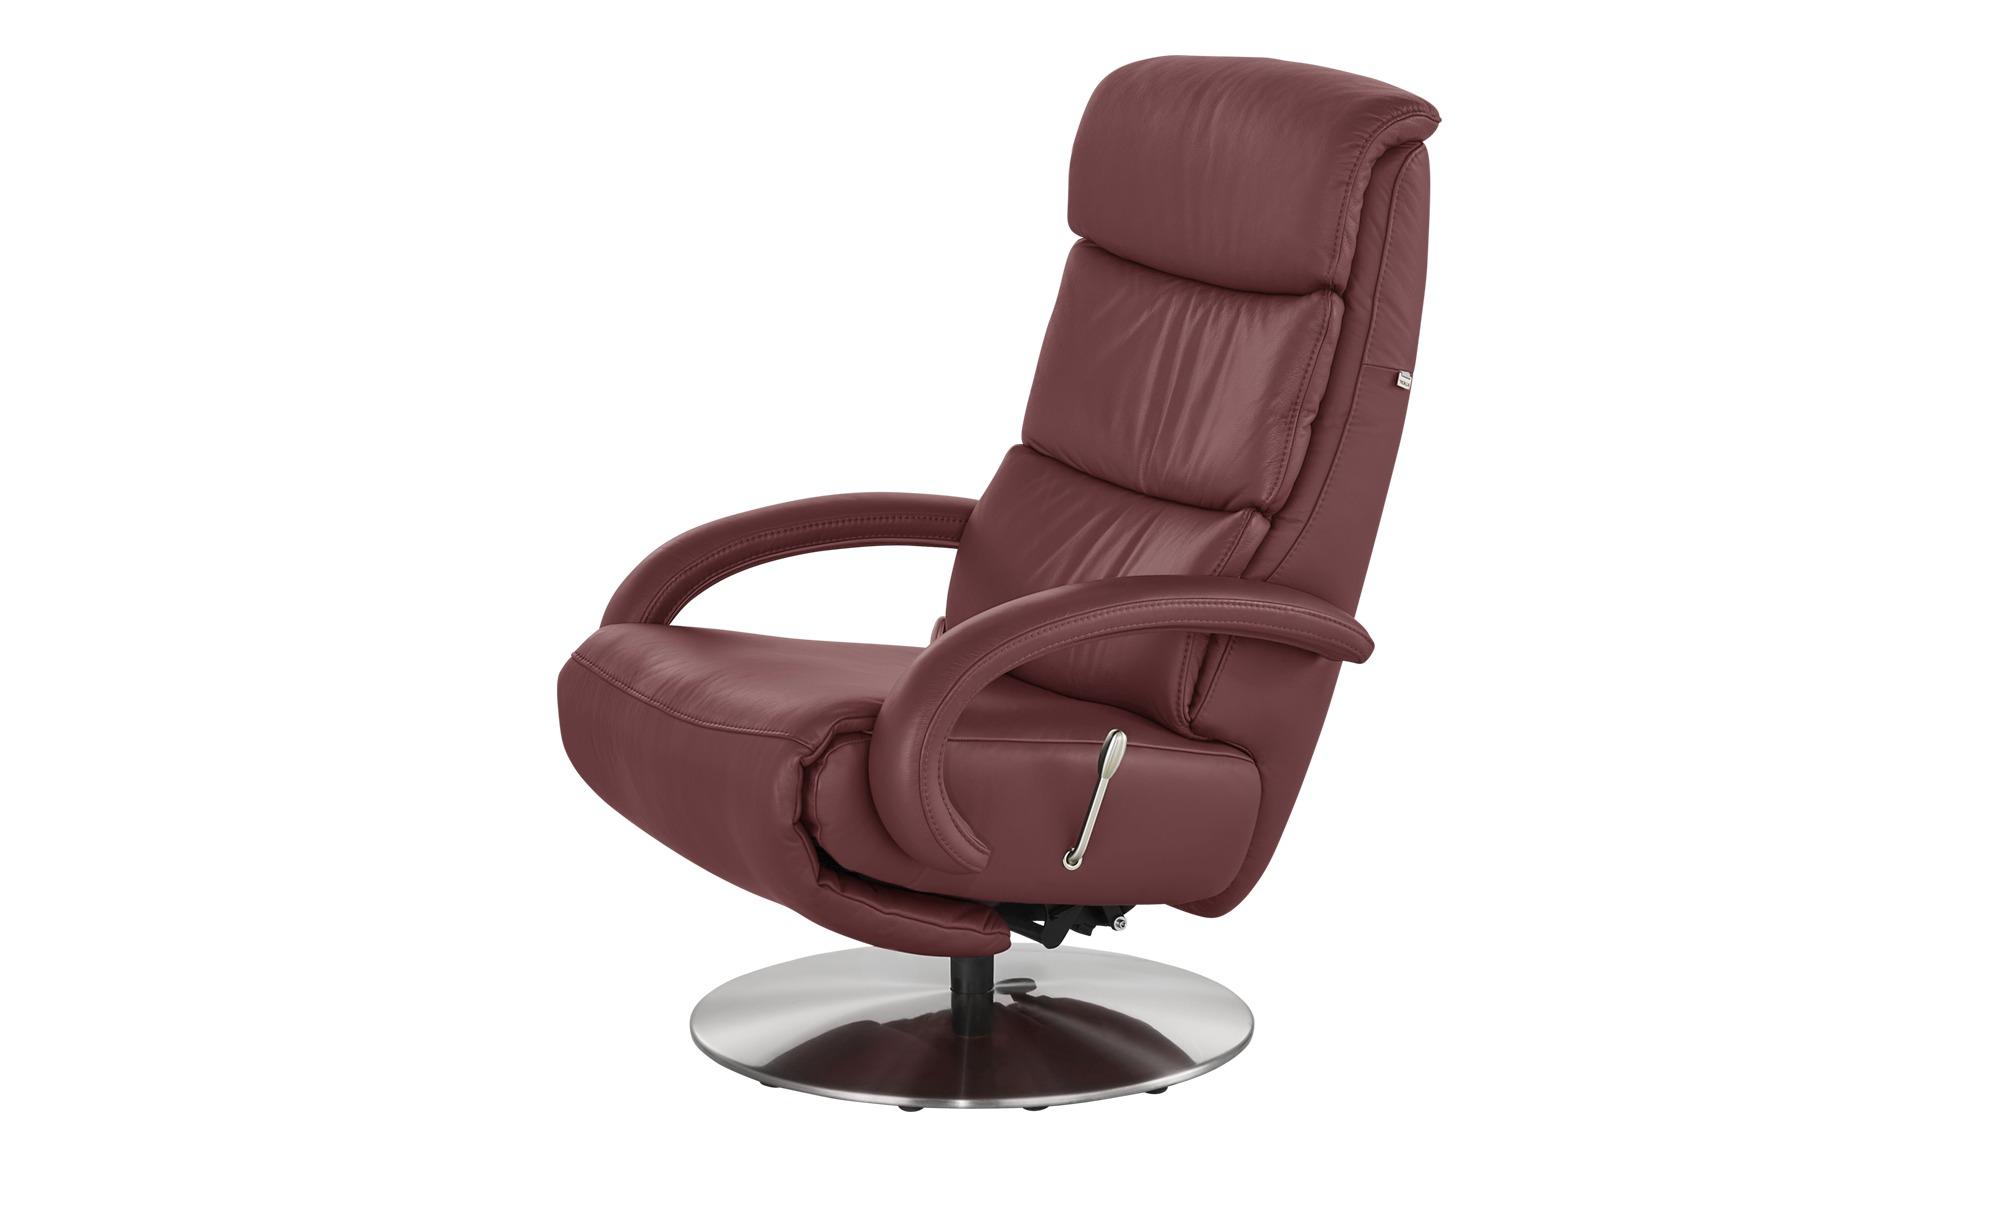 Hukla Leder-Relaxsessel rot - Leder Florian ¦ rot ¦ Maße (cm): B: 73 T: 91 Polstermöbel > Sessel > Fernsehsessel - Höffner